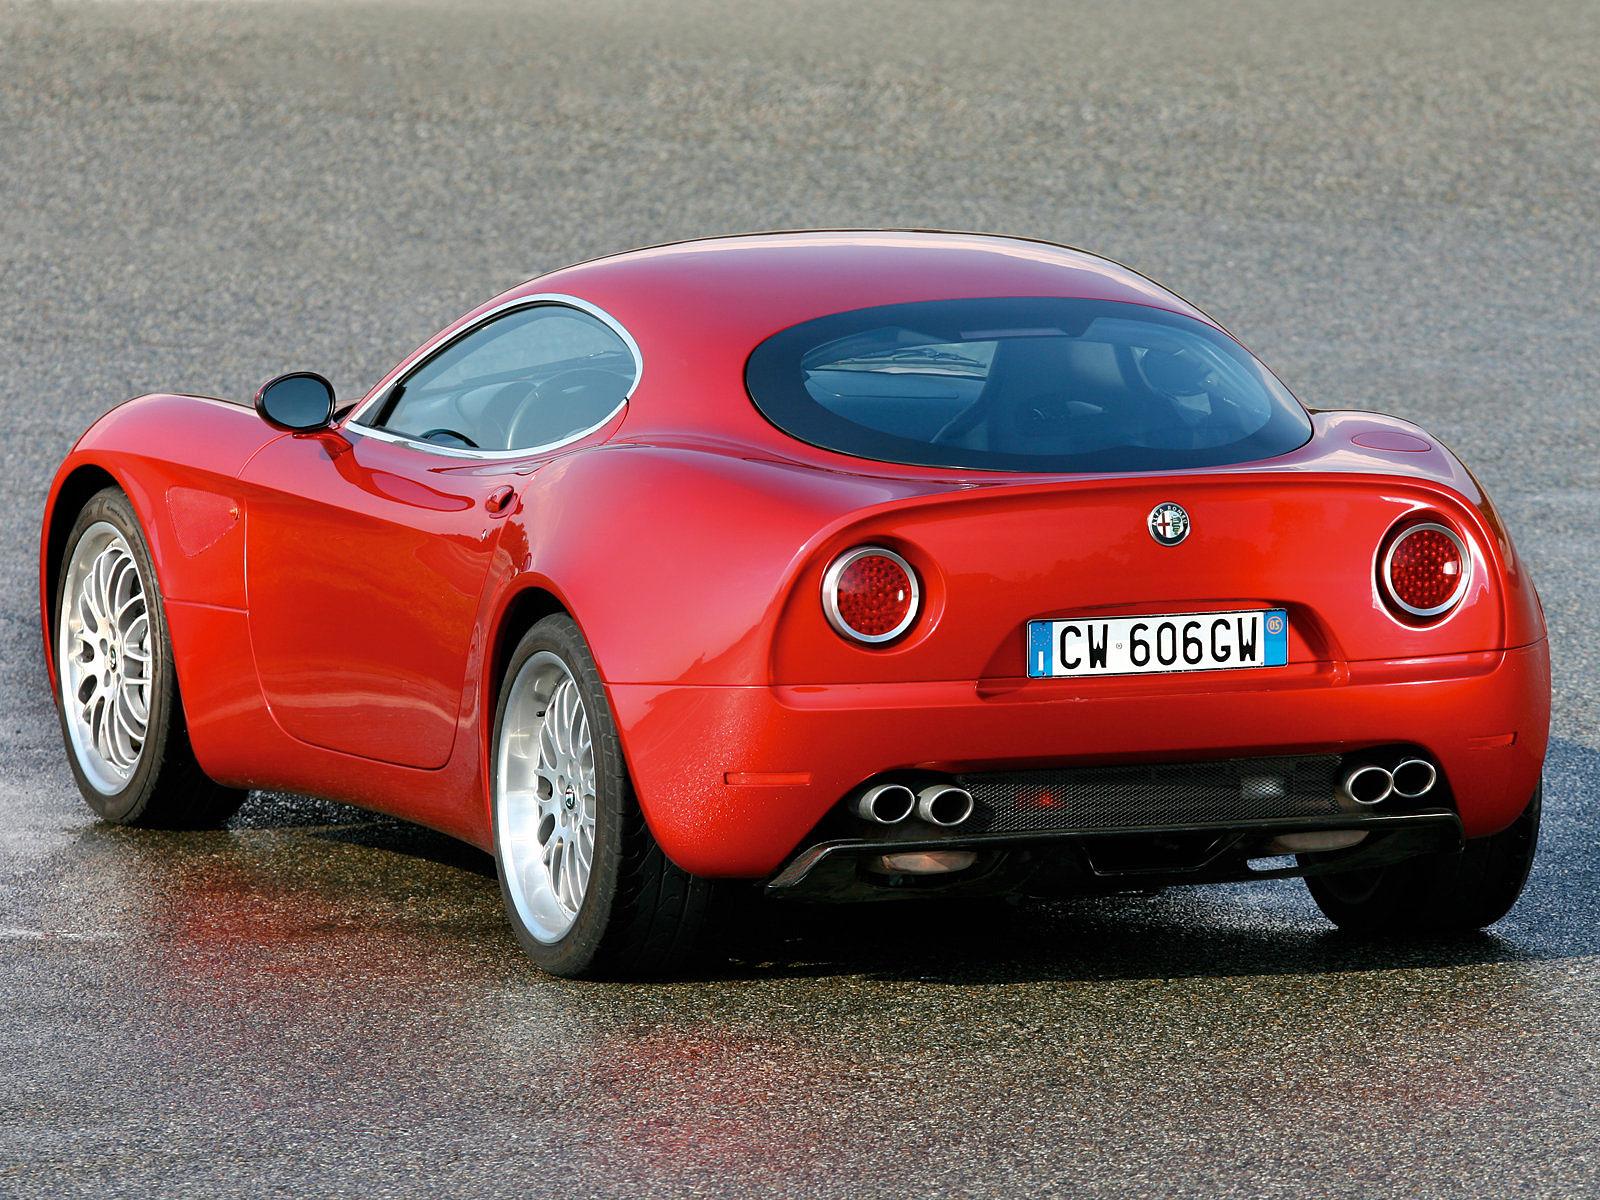 http://4.bp.blogspot.com/-hgZbBRmSdPM/Tr3SvwNgsAI/AAAAAAAAD1w/LDLYANtLac8/s1600/2007_ALFA-ROMEO-8C-Competizione_car-desktop-wallpaper_04.jpg